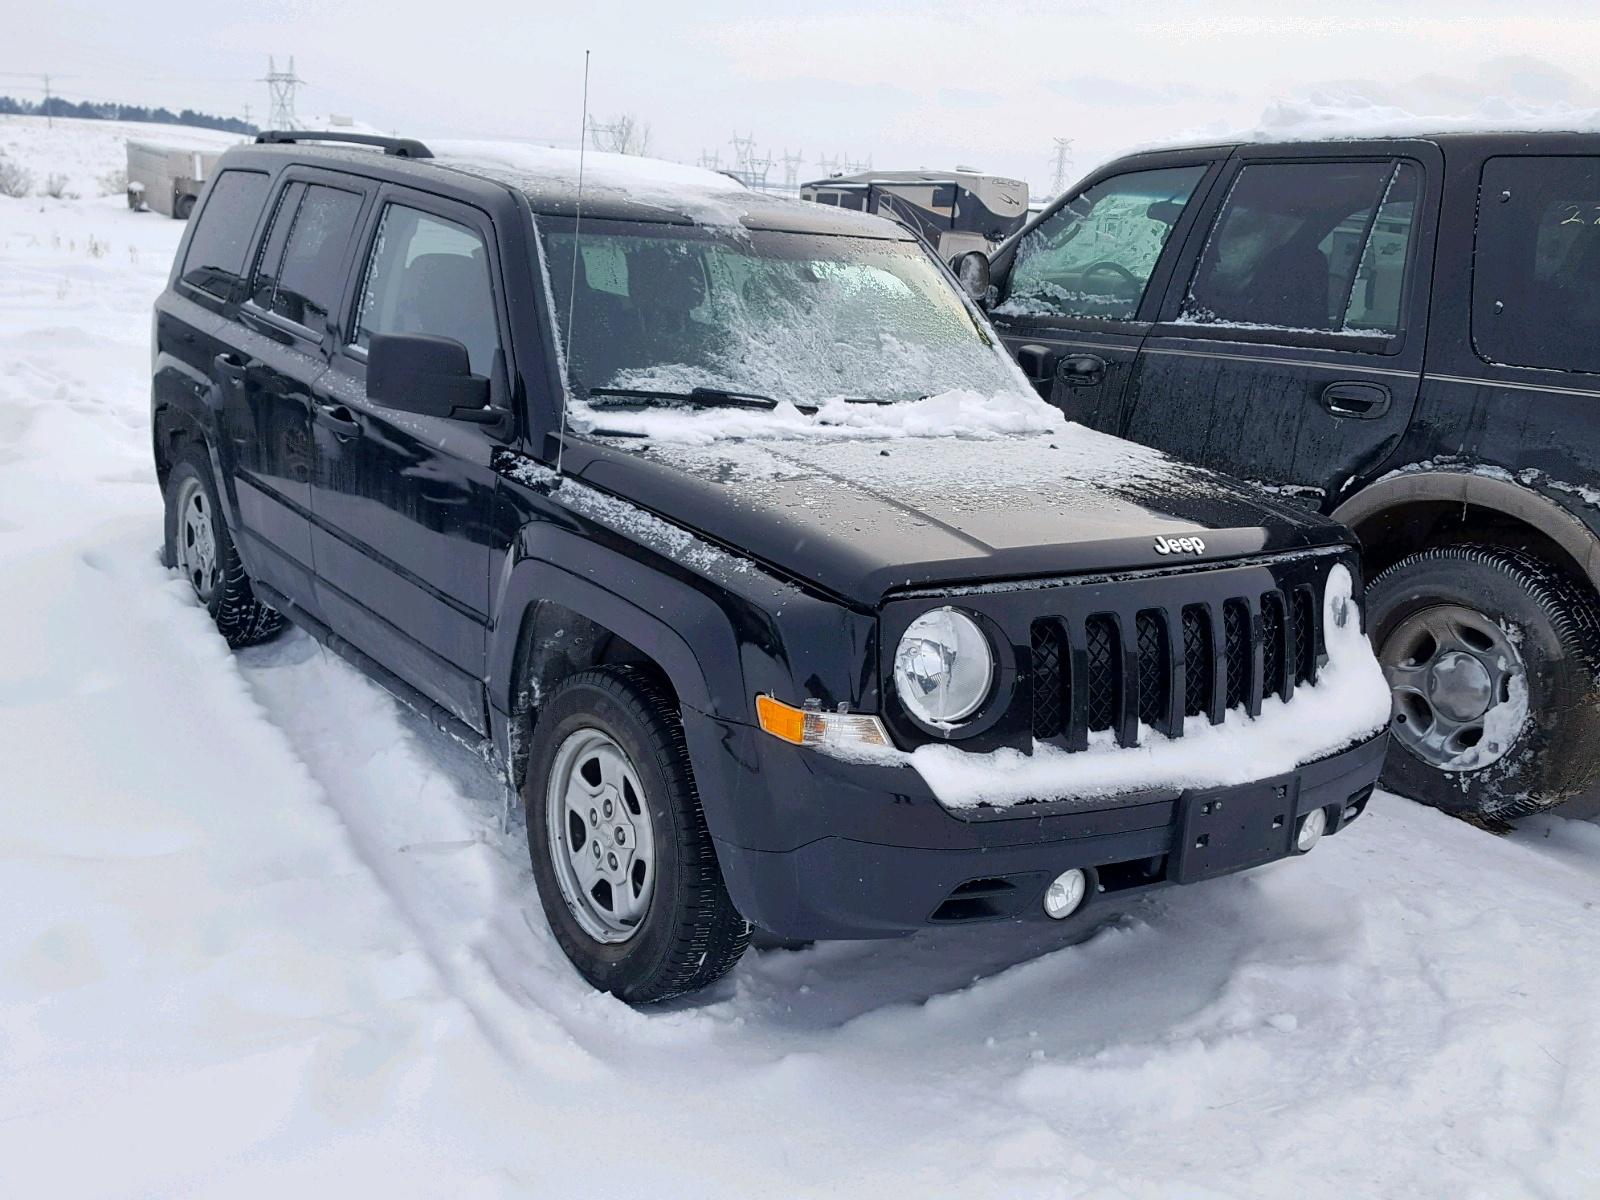 2014 Jeep Patriot Sp 2.0L Left View